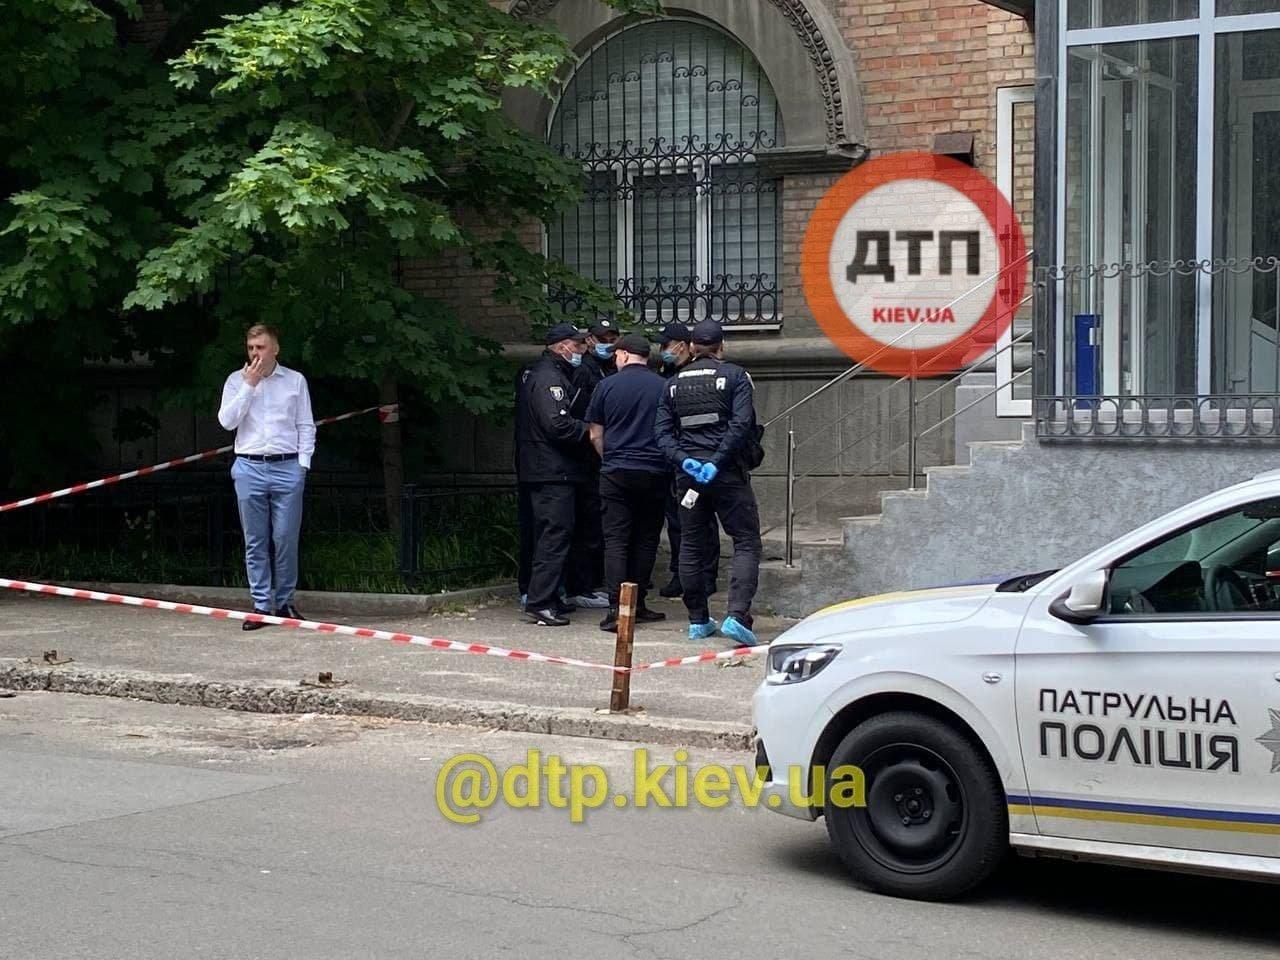 Полиция выясняет причины перестрелки на Печерске, dtp.kiev.ua